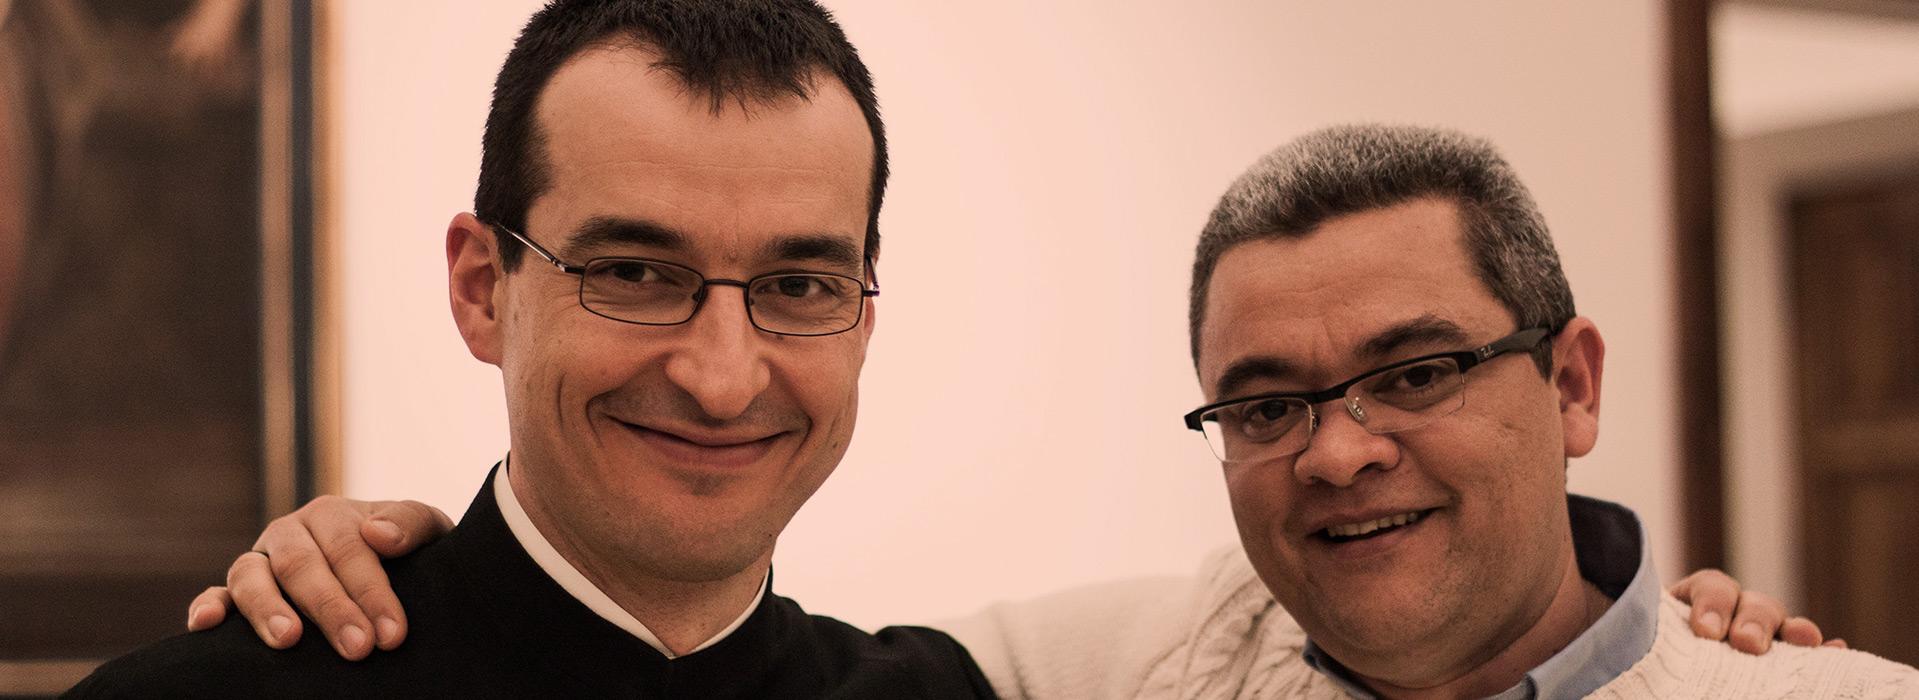 two seminarians